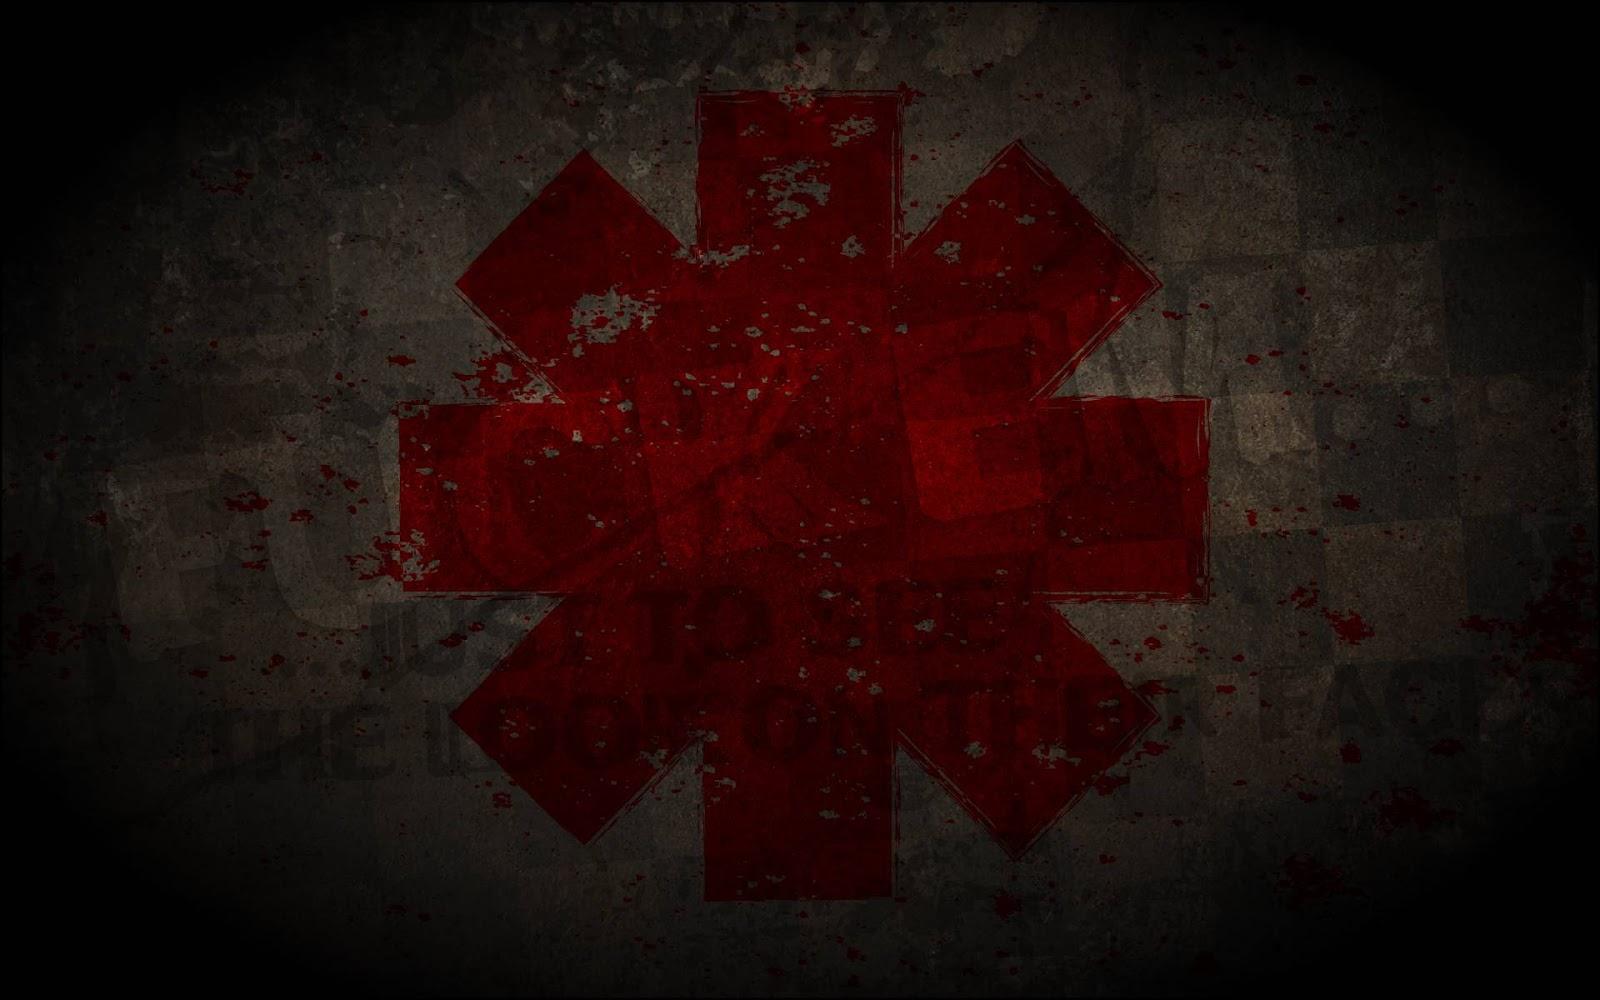 http://4.bp.blogspot.com/-to1LpcJg35A/UP9CX3kKV6I/AAAAAAAAFUE/GwFeKa_lsgk/s1600/music-red-a-chili-peppers-rhcp-wallpaper.jpg